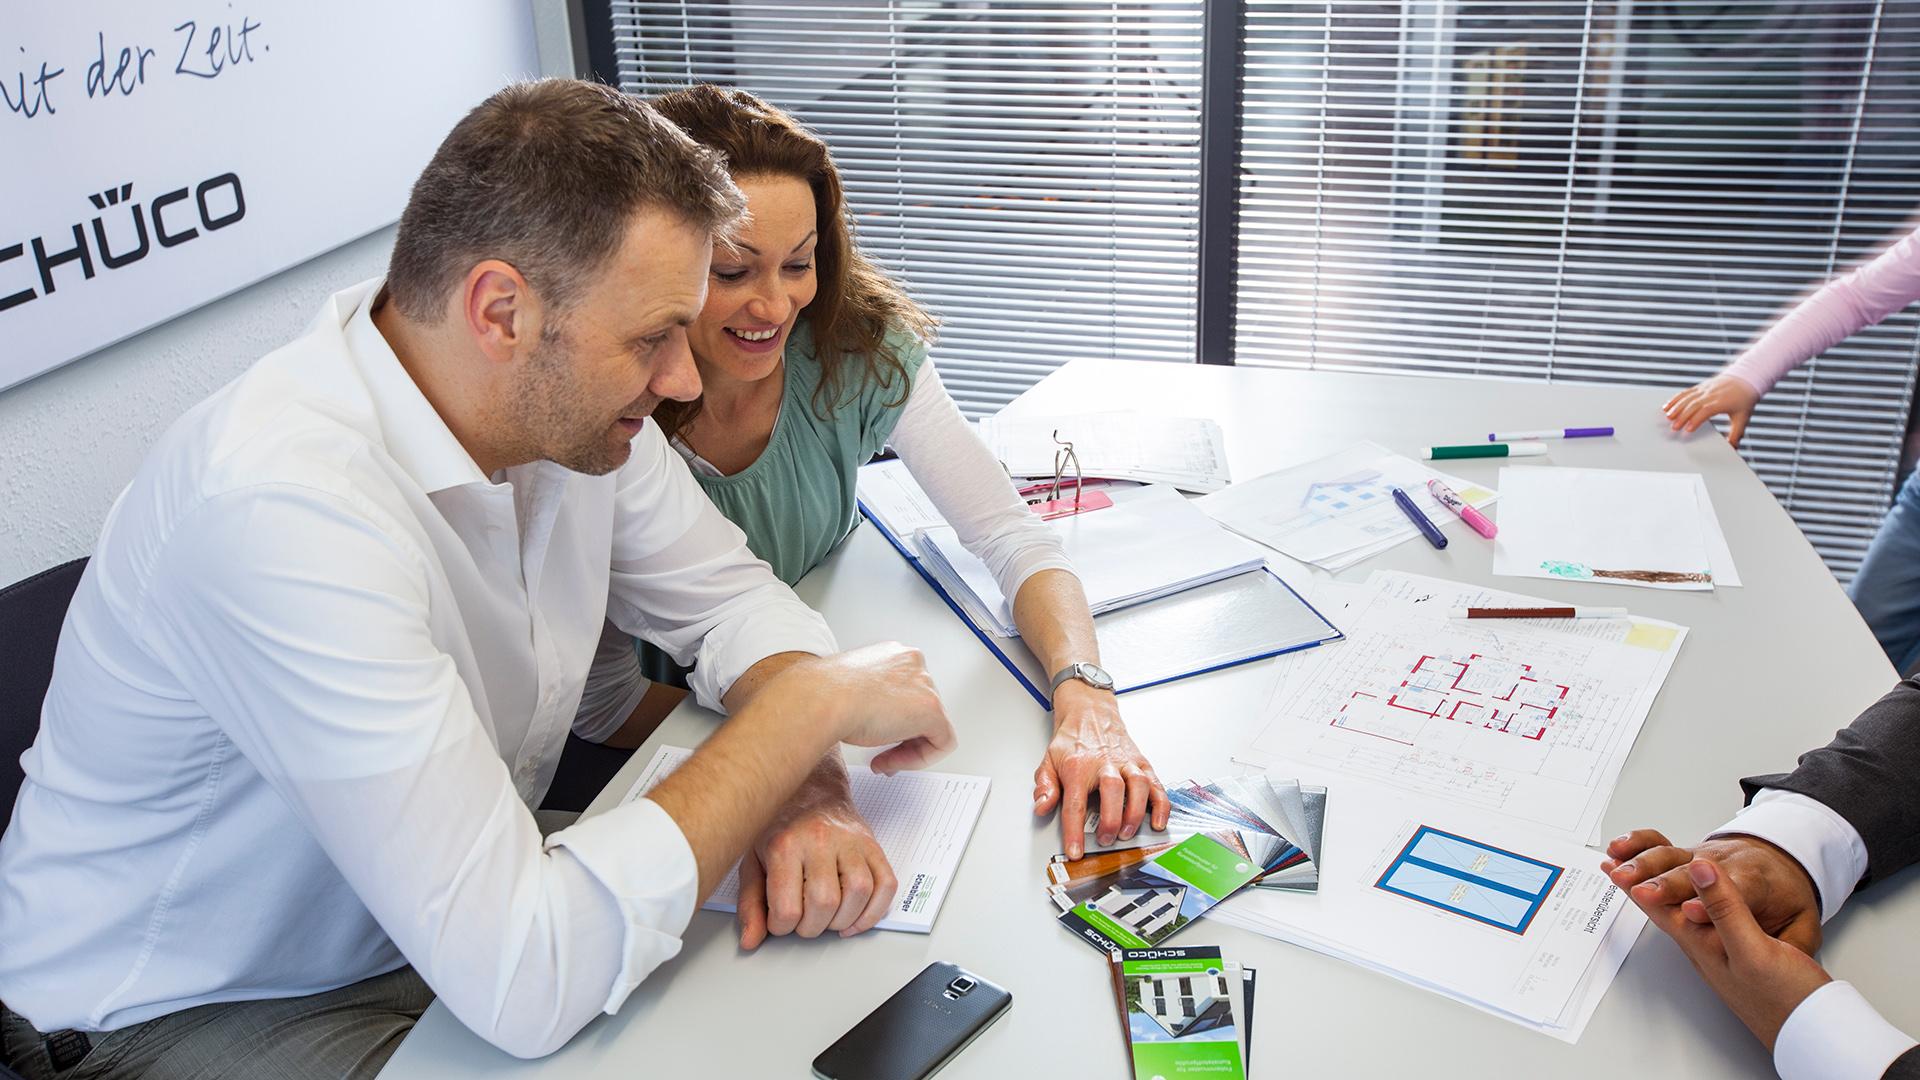 für den Online Auftritt im Handwerk: Besprechung mit Kunden